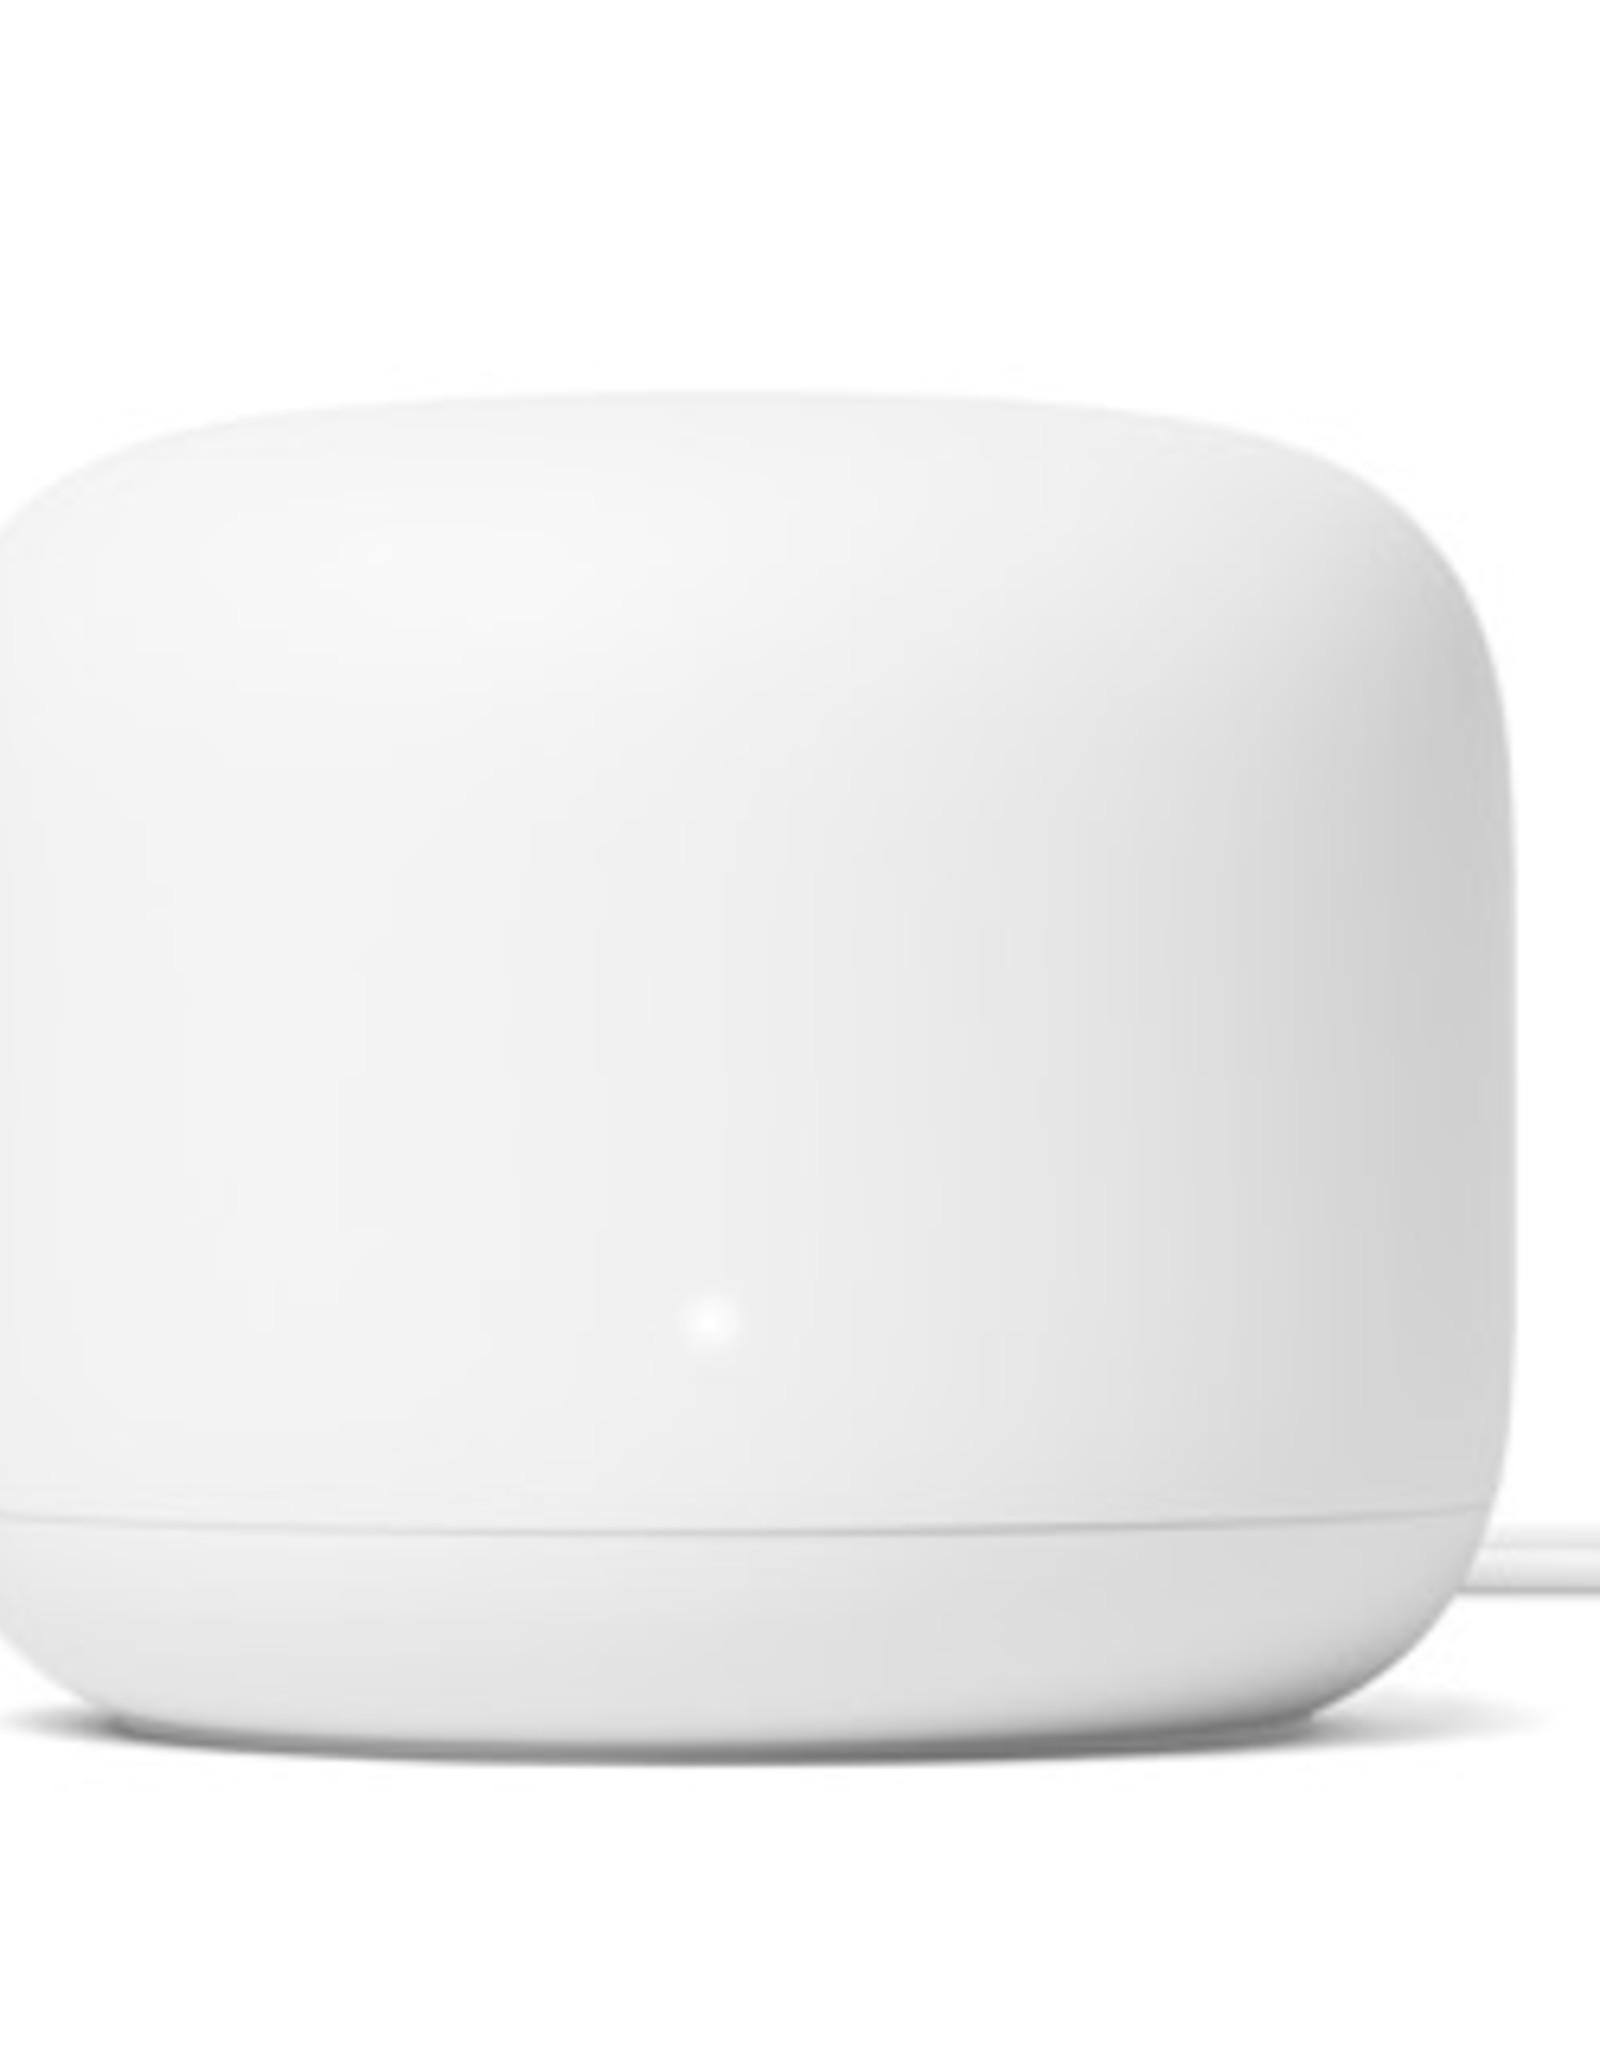 Google Google | Google Nest White WiFi Router 15-07418